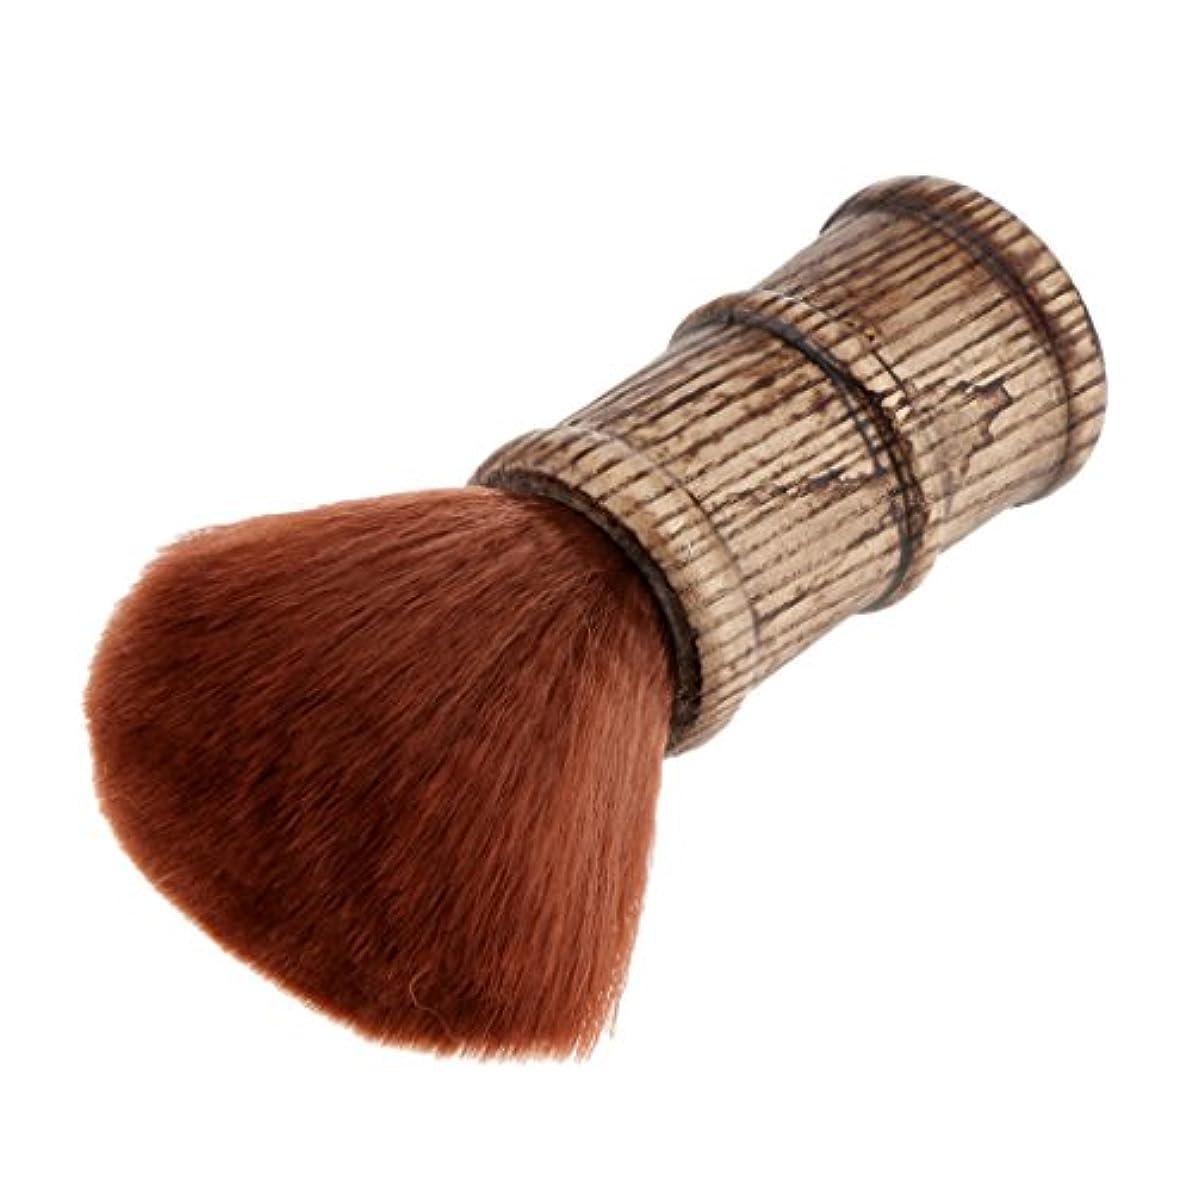 ふざけたと遊ぶ上陸ヘアカット 散髪 ネックダスターブラシ ソフト クリーニングヘアブラシ ヘアスイープブラシ 2色選べる - 褐色